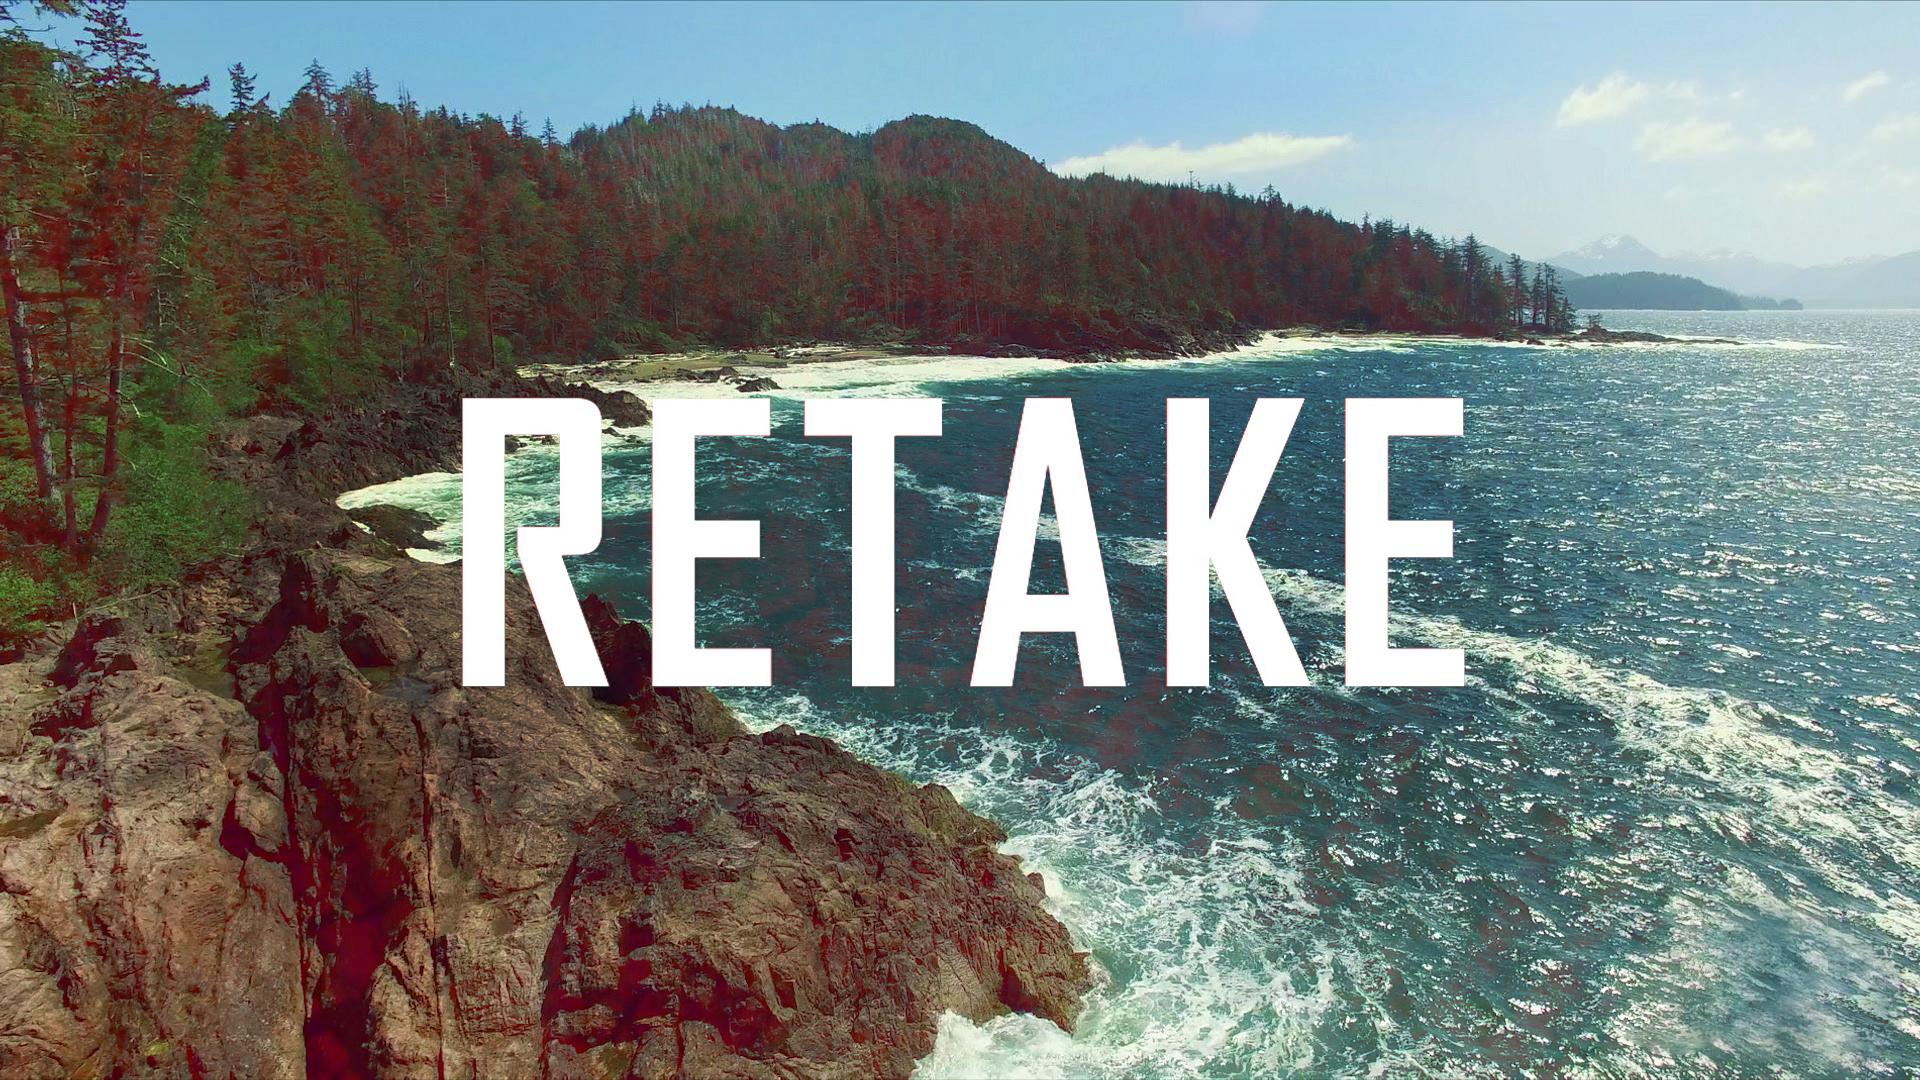 RETAKE_1920.jpg